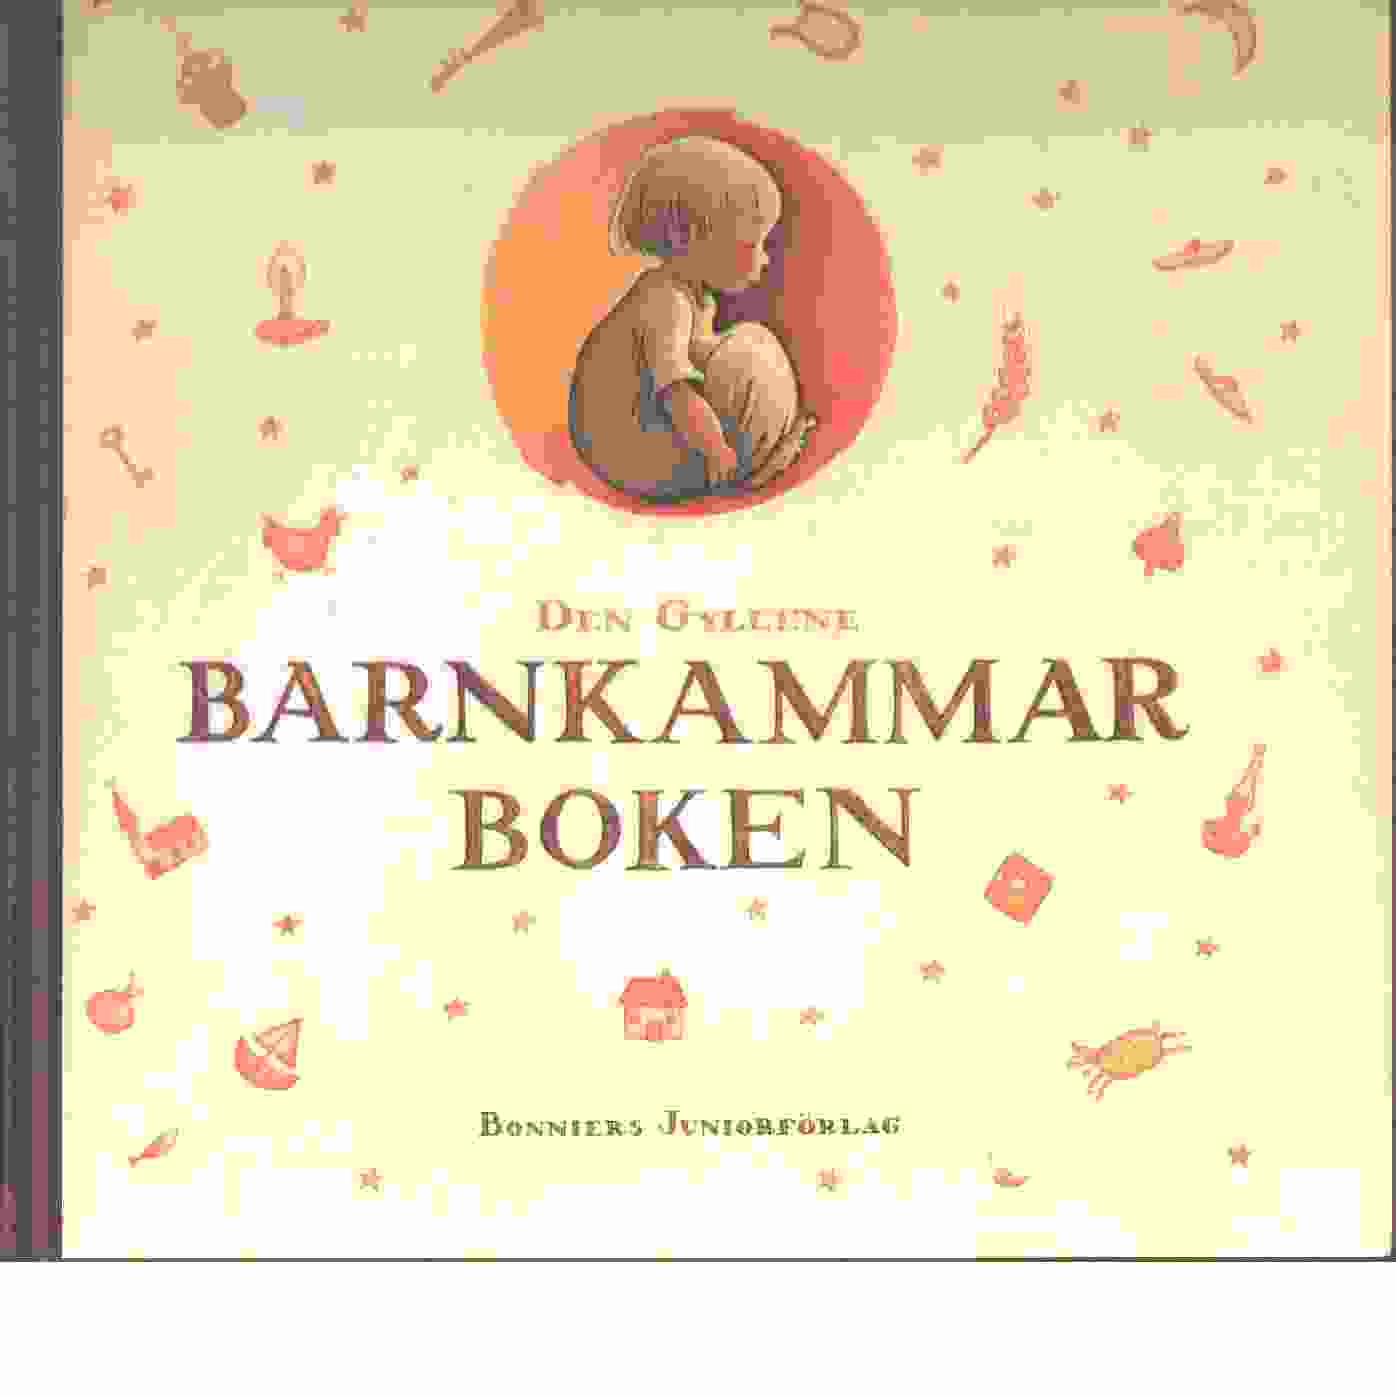 Den gyllene barnkammarboken [Musiktryck] - Red,